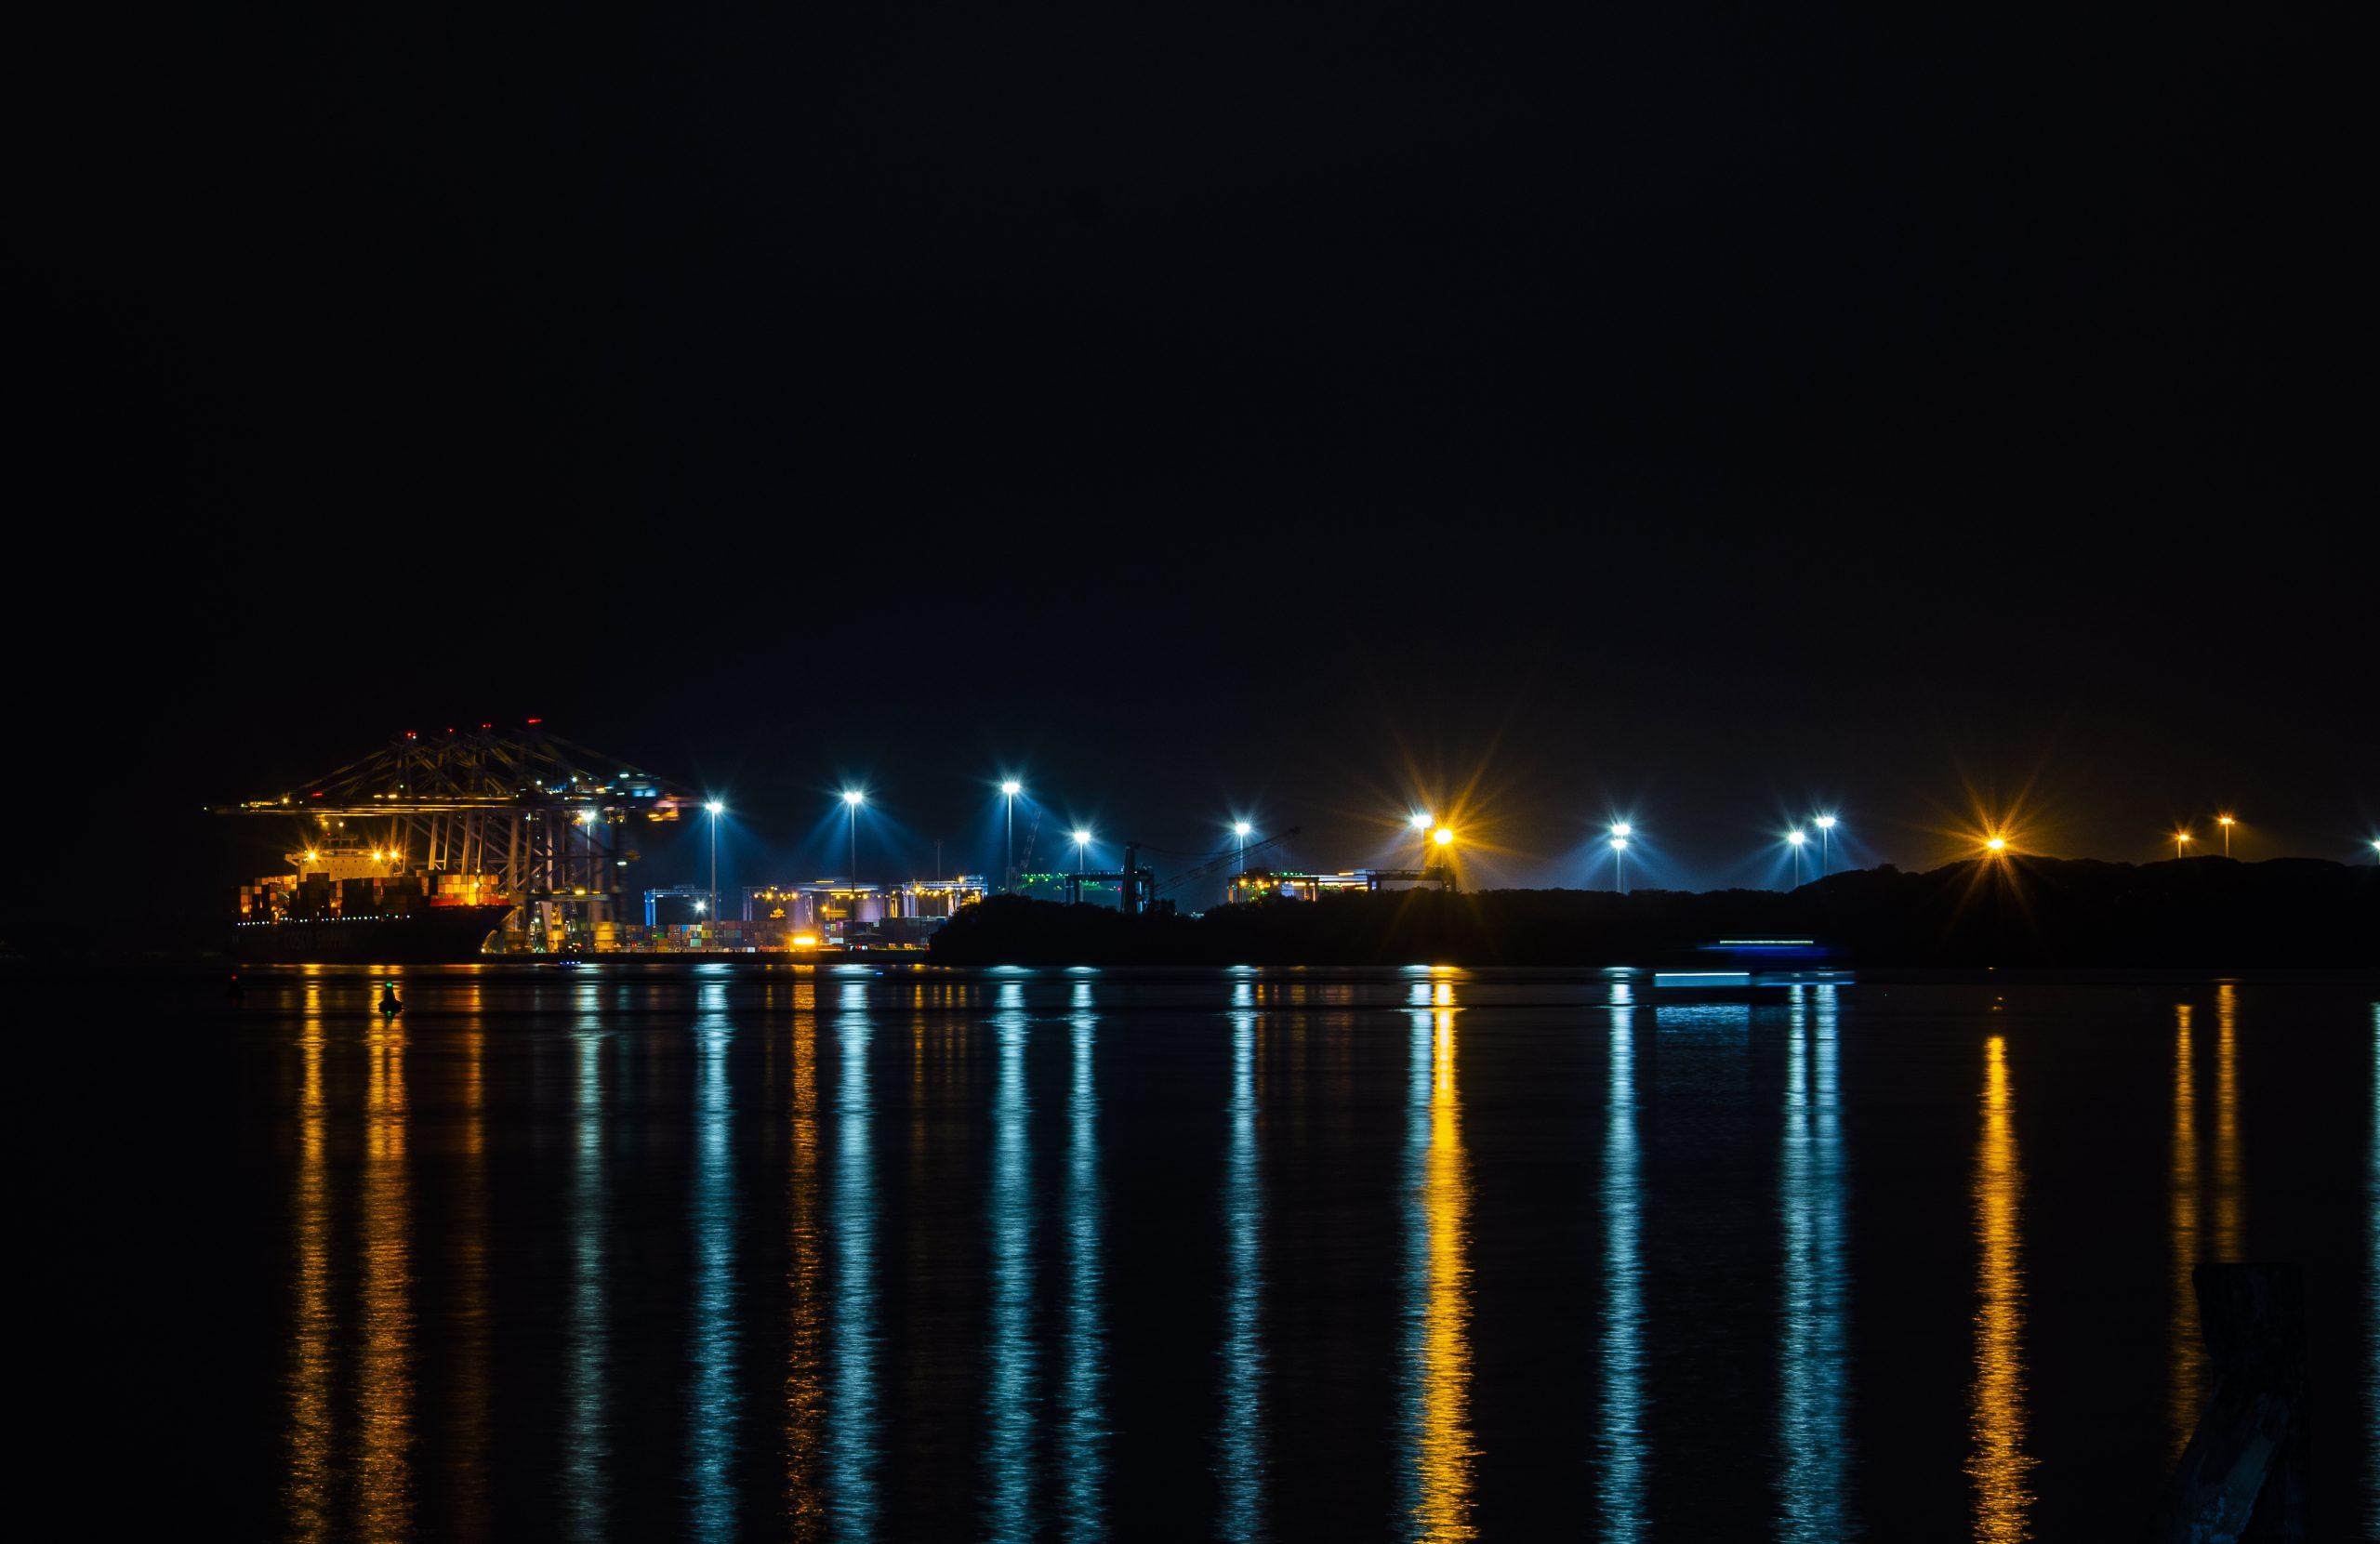 Night view of Docking harbor - Kochi ,Kerala